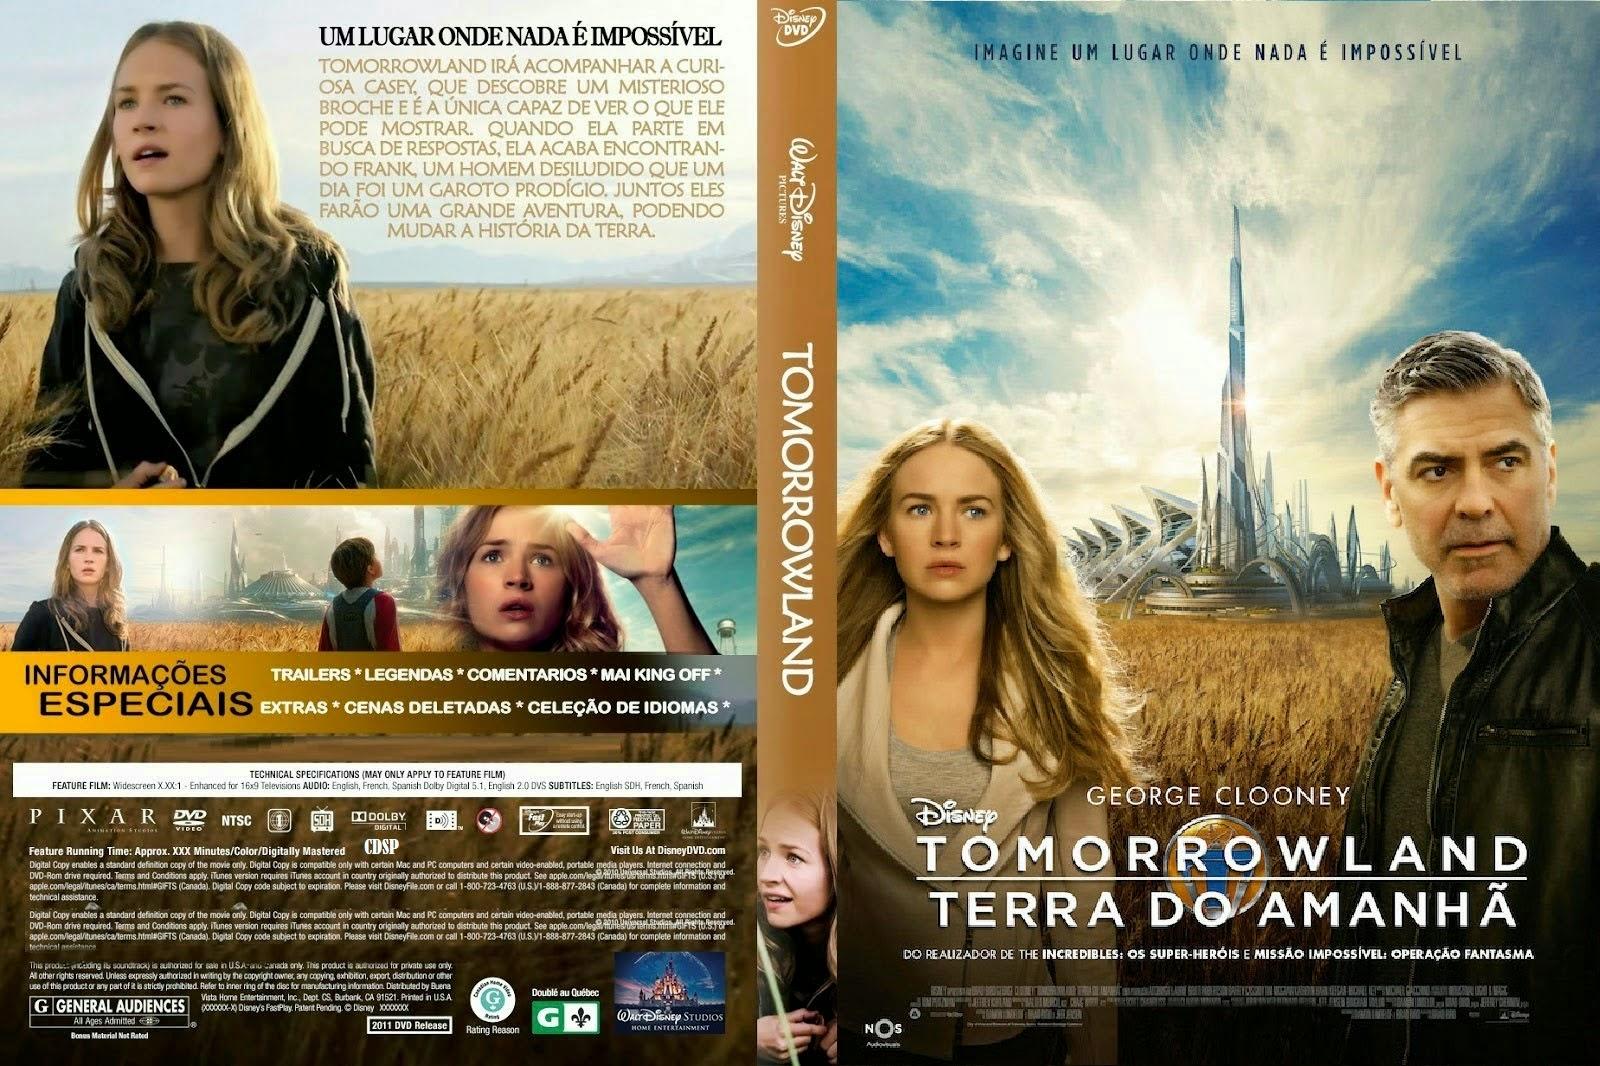 Download Tomorrowland Um Lugar Onde Nada é Impossível BDRip Dual Áudio TOMORROWLAND  TERRA DO AMANHA 01